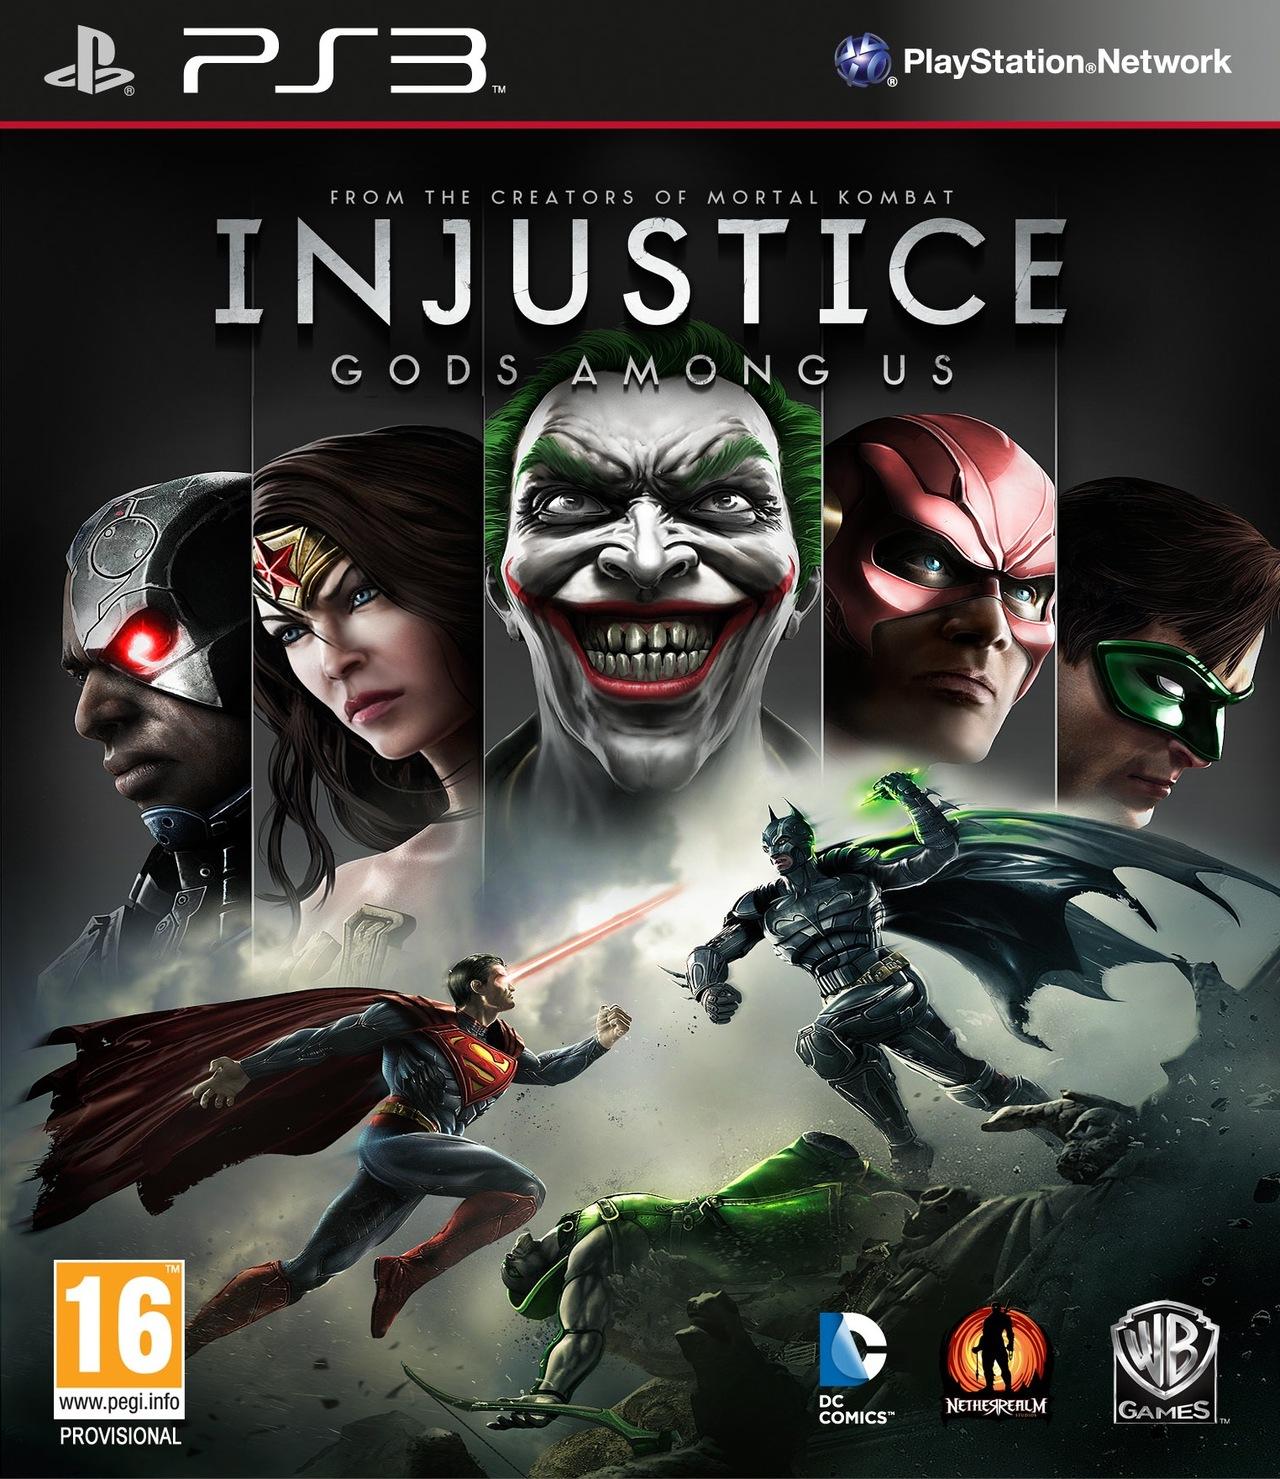 Injustice-LesDieuxSontParmiNous PS3 Jaquette 001